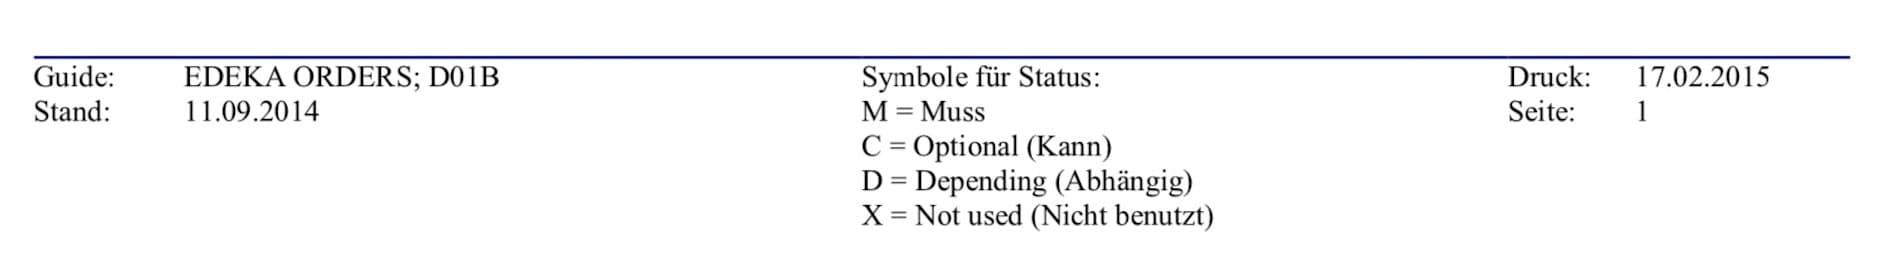 Beschreibung der verwendeten Codes die in der EDEKA ORDERS MIG benutzt werden.